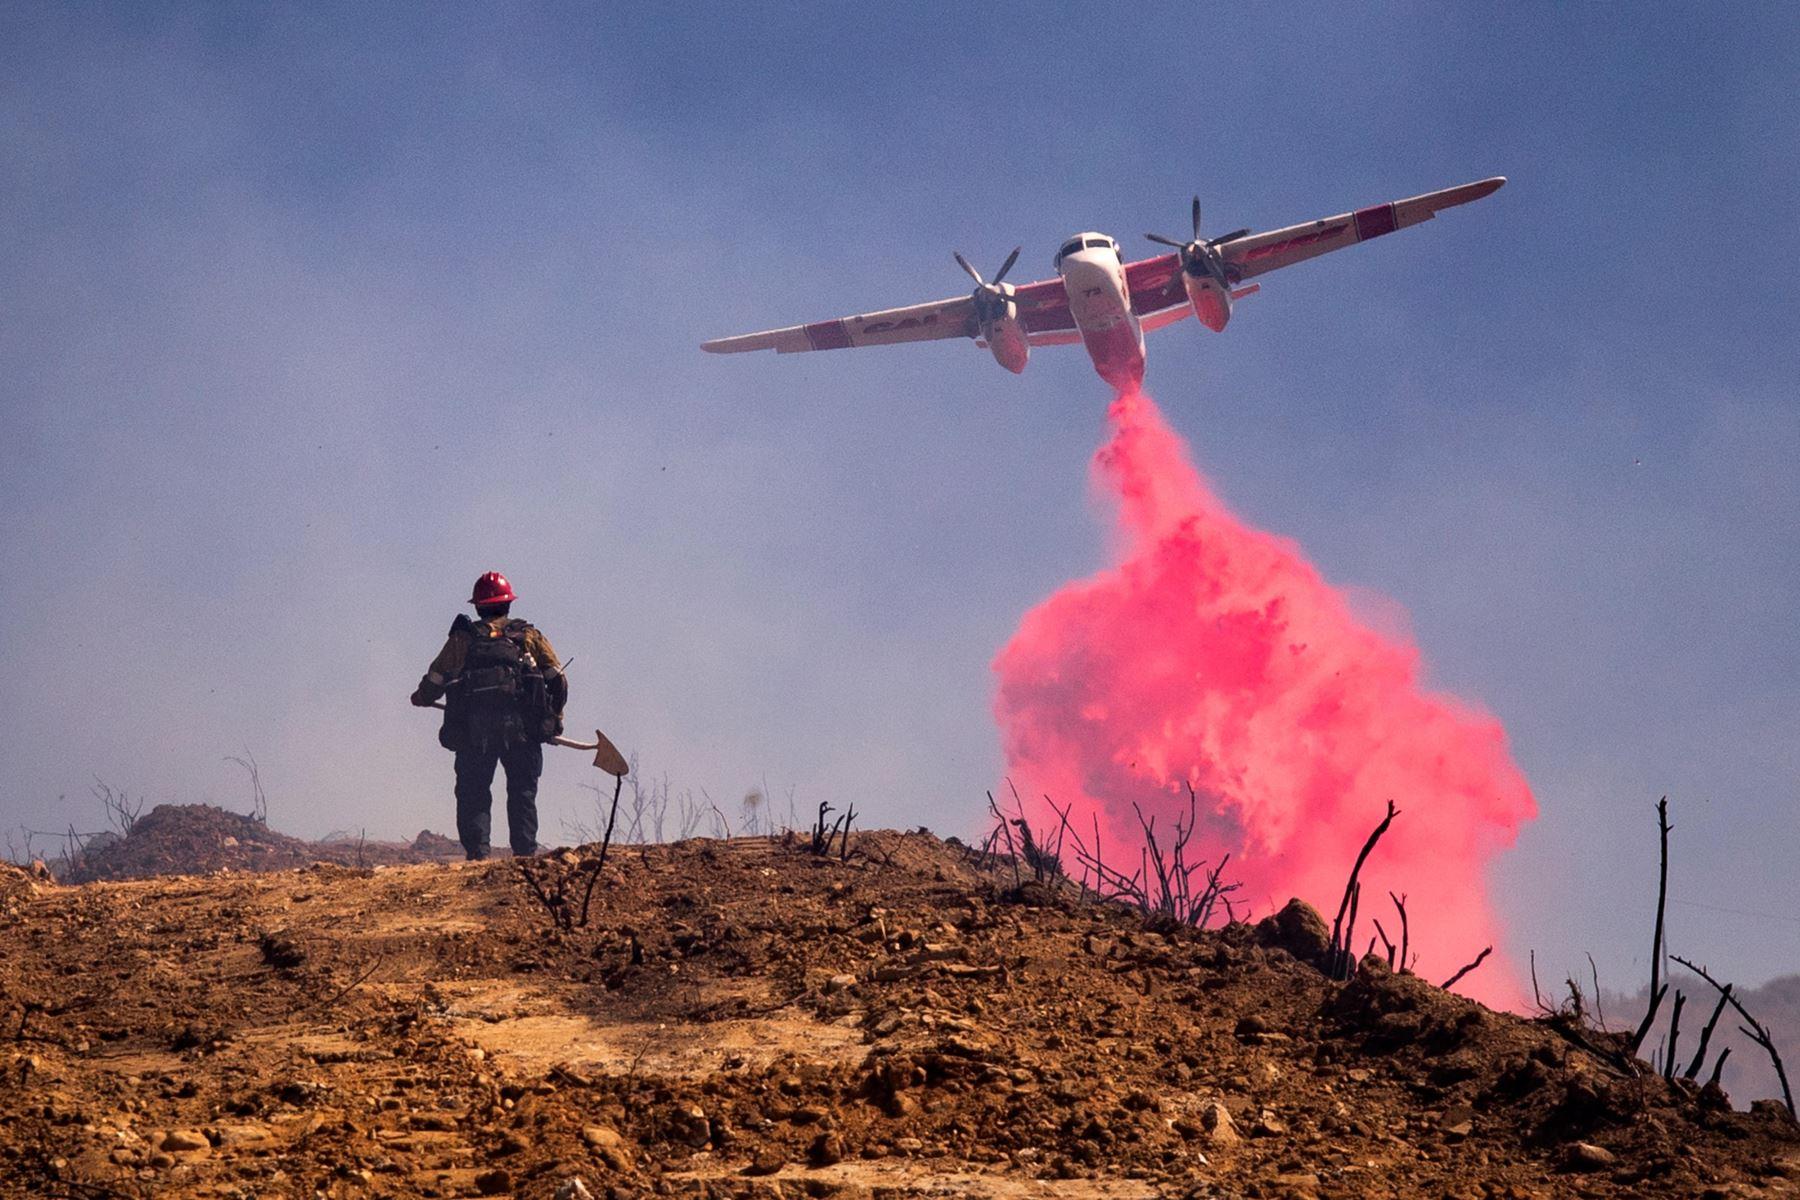 Un avión vuela sobre un bombero y arroja retardante de fuego en Elsmere Fire cerca de Santa Clarita, California, EE. UU. Según los últimos informes de los medios, el incendio ha quemado 130 acres.  Foto: EFE